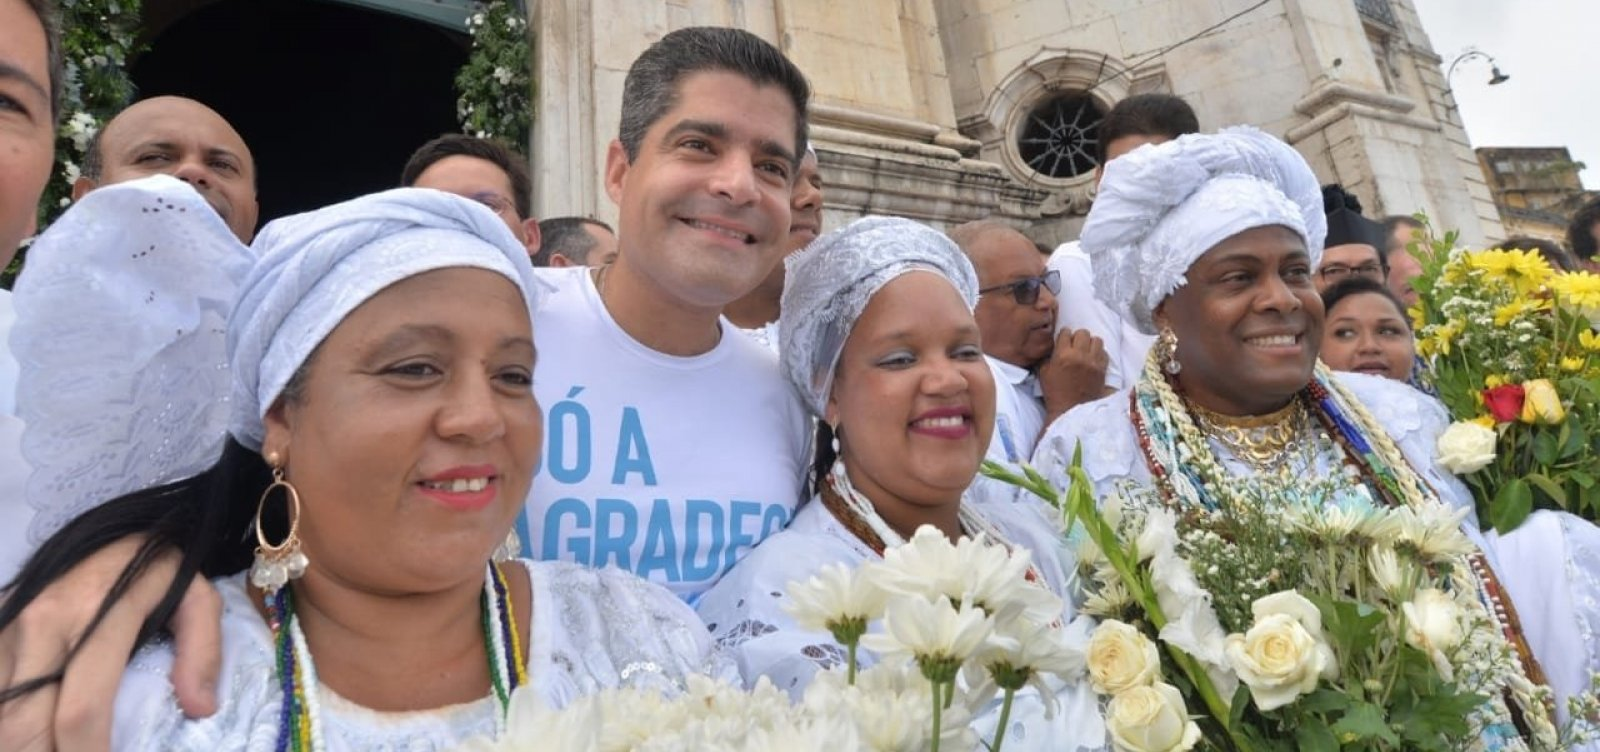 [ACM Neto celebra última Lavagem do Bonfim como prefeito de Salvador]